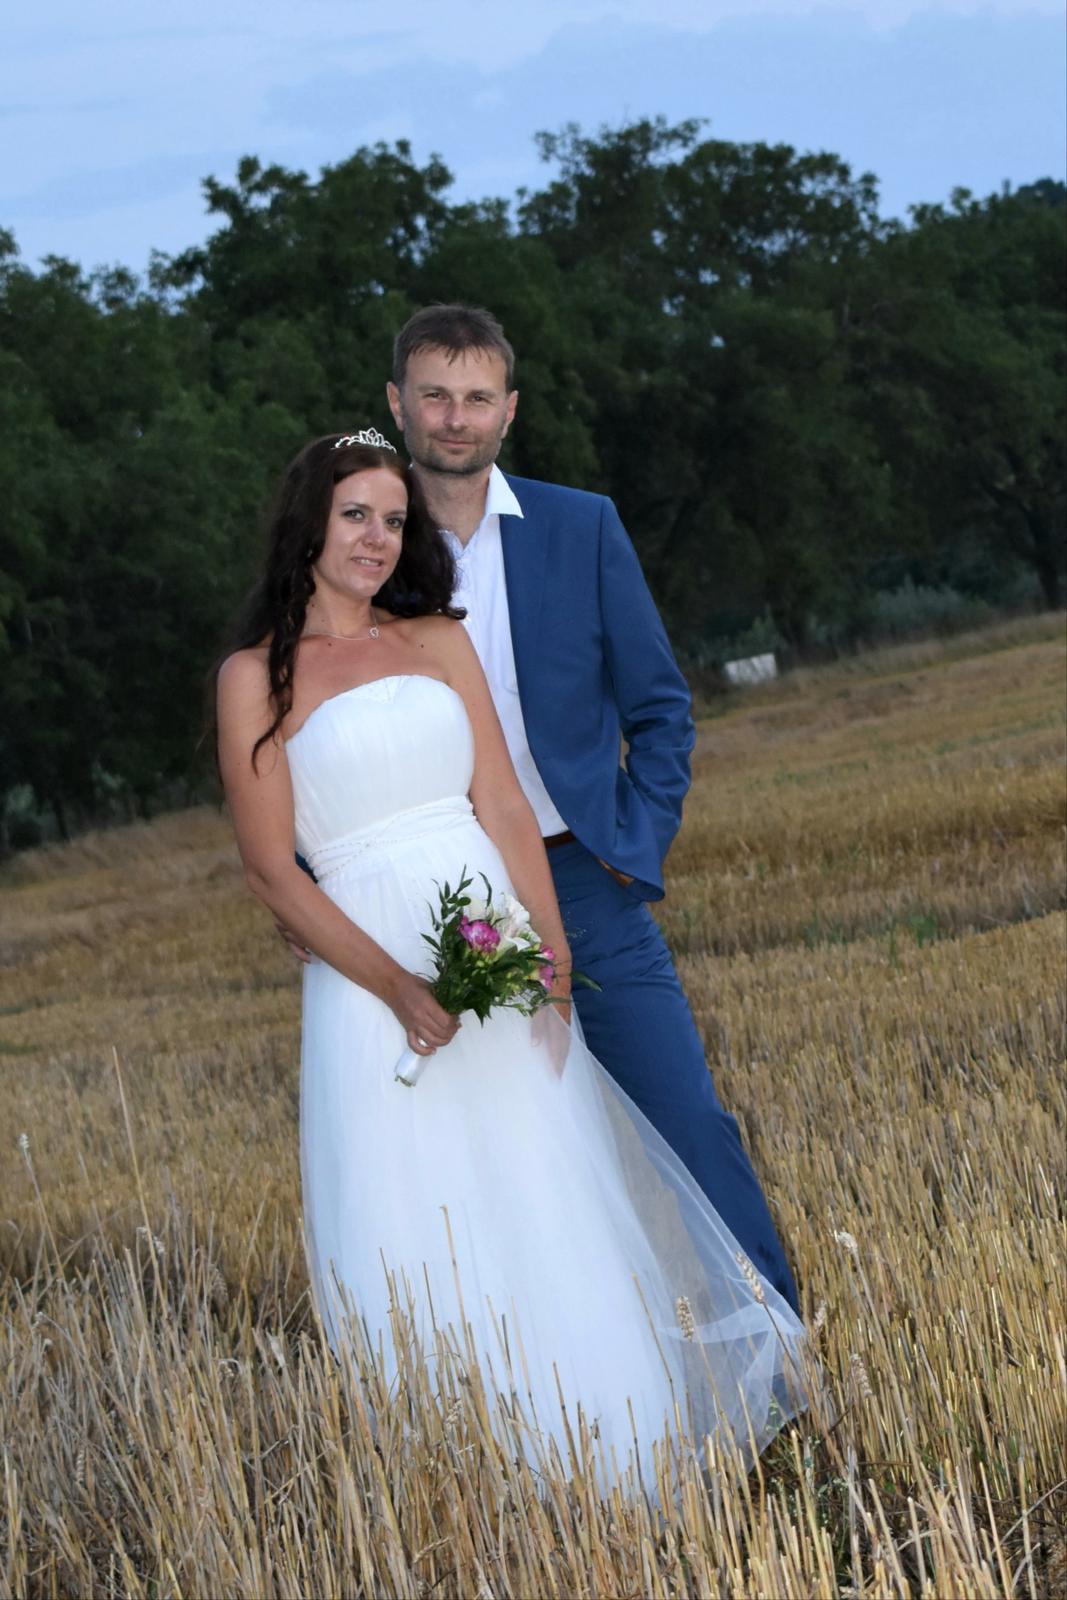 svatební šaty  vel.34-36 - Obrázek č. 1